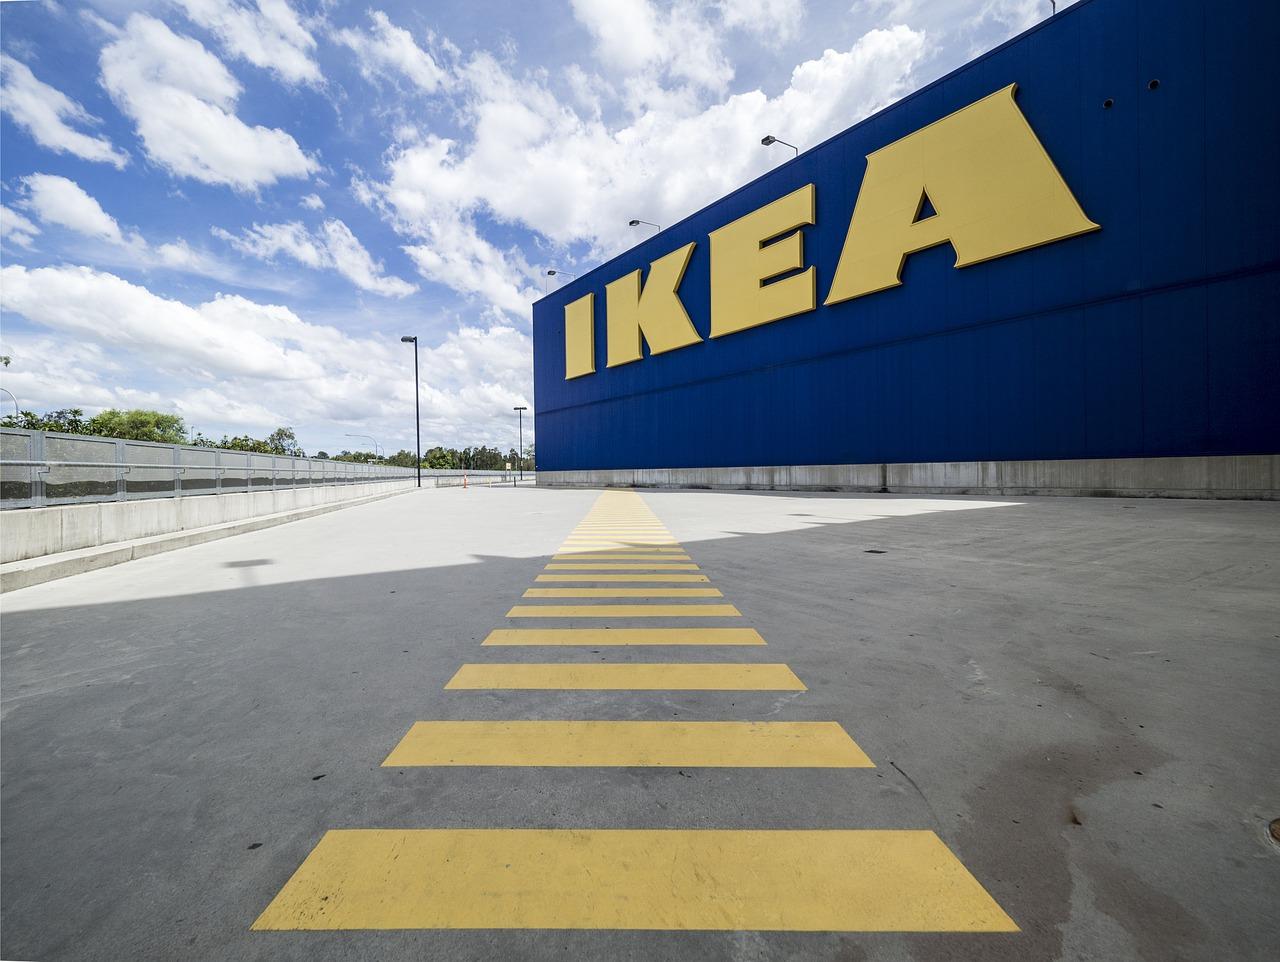 IKEA通販業者とは?送料無料にできる理由と割引価格のカラクリを解明